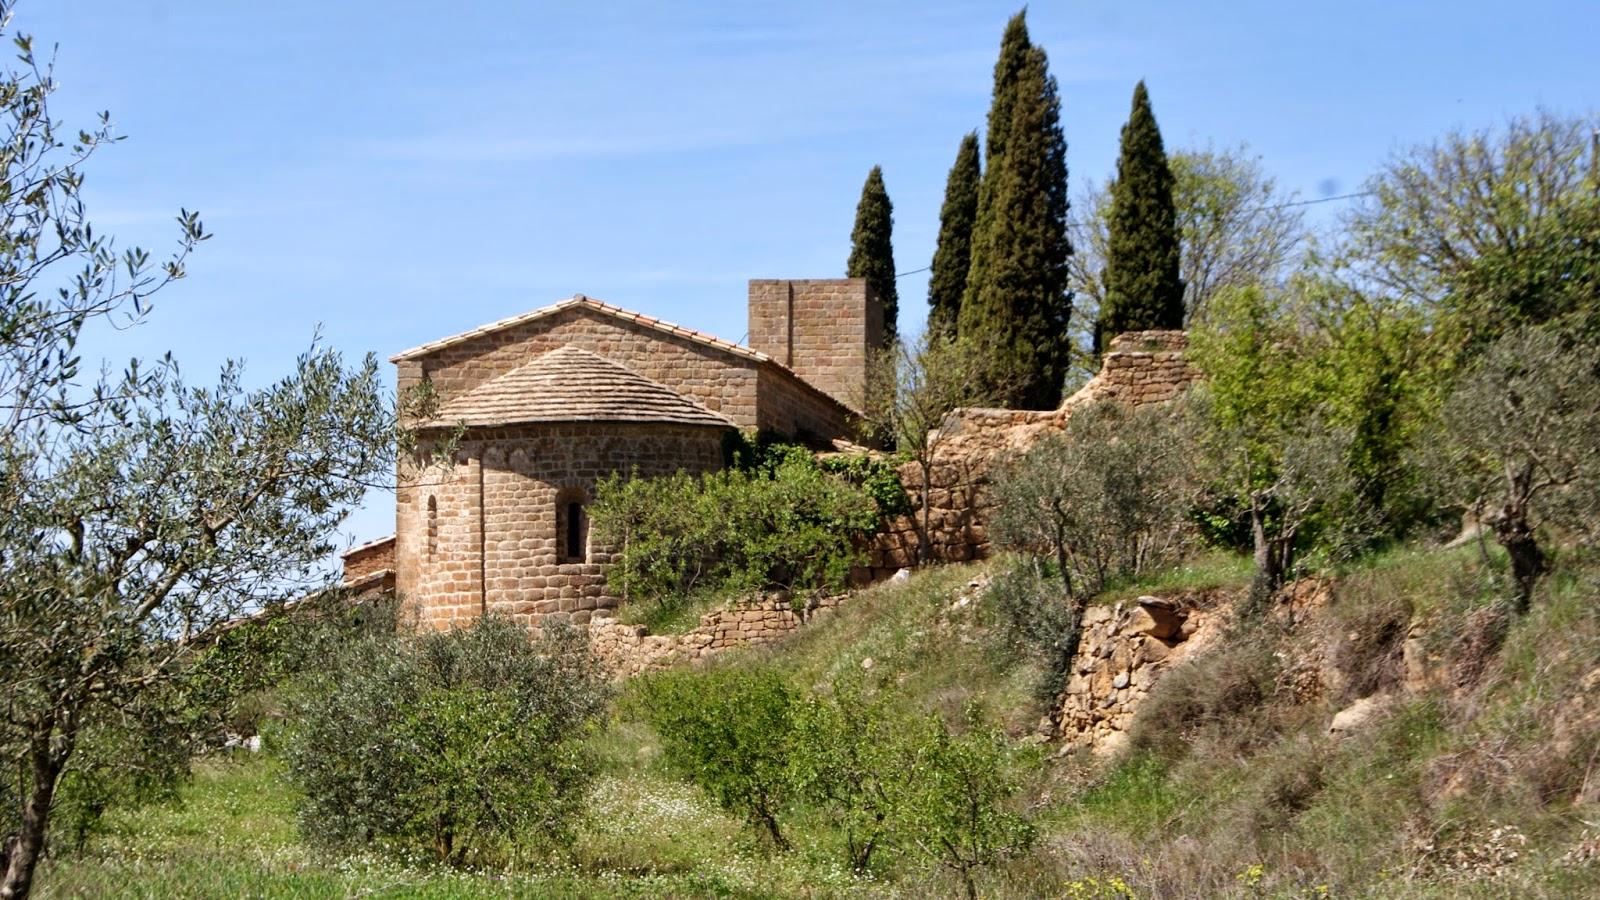 Església de Santa Maria de l'Aguda (Torà) per Teresa Grau Ros